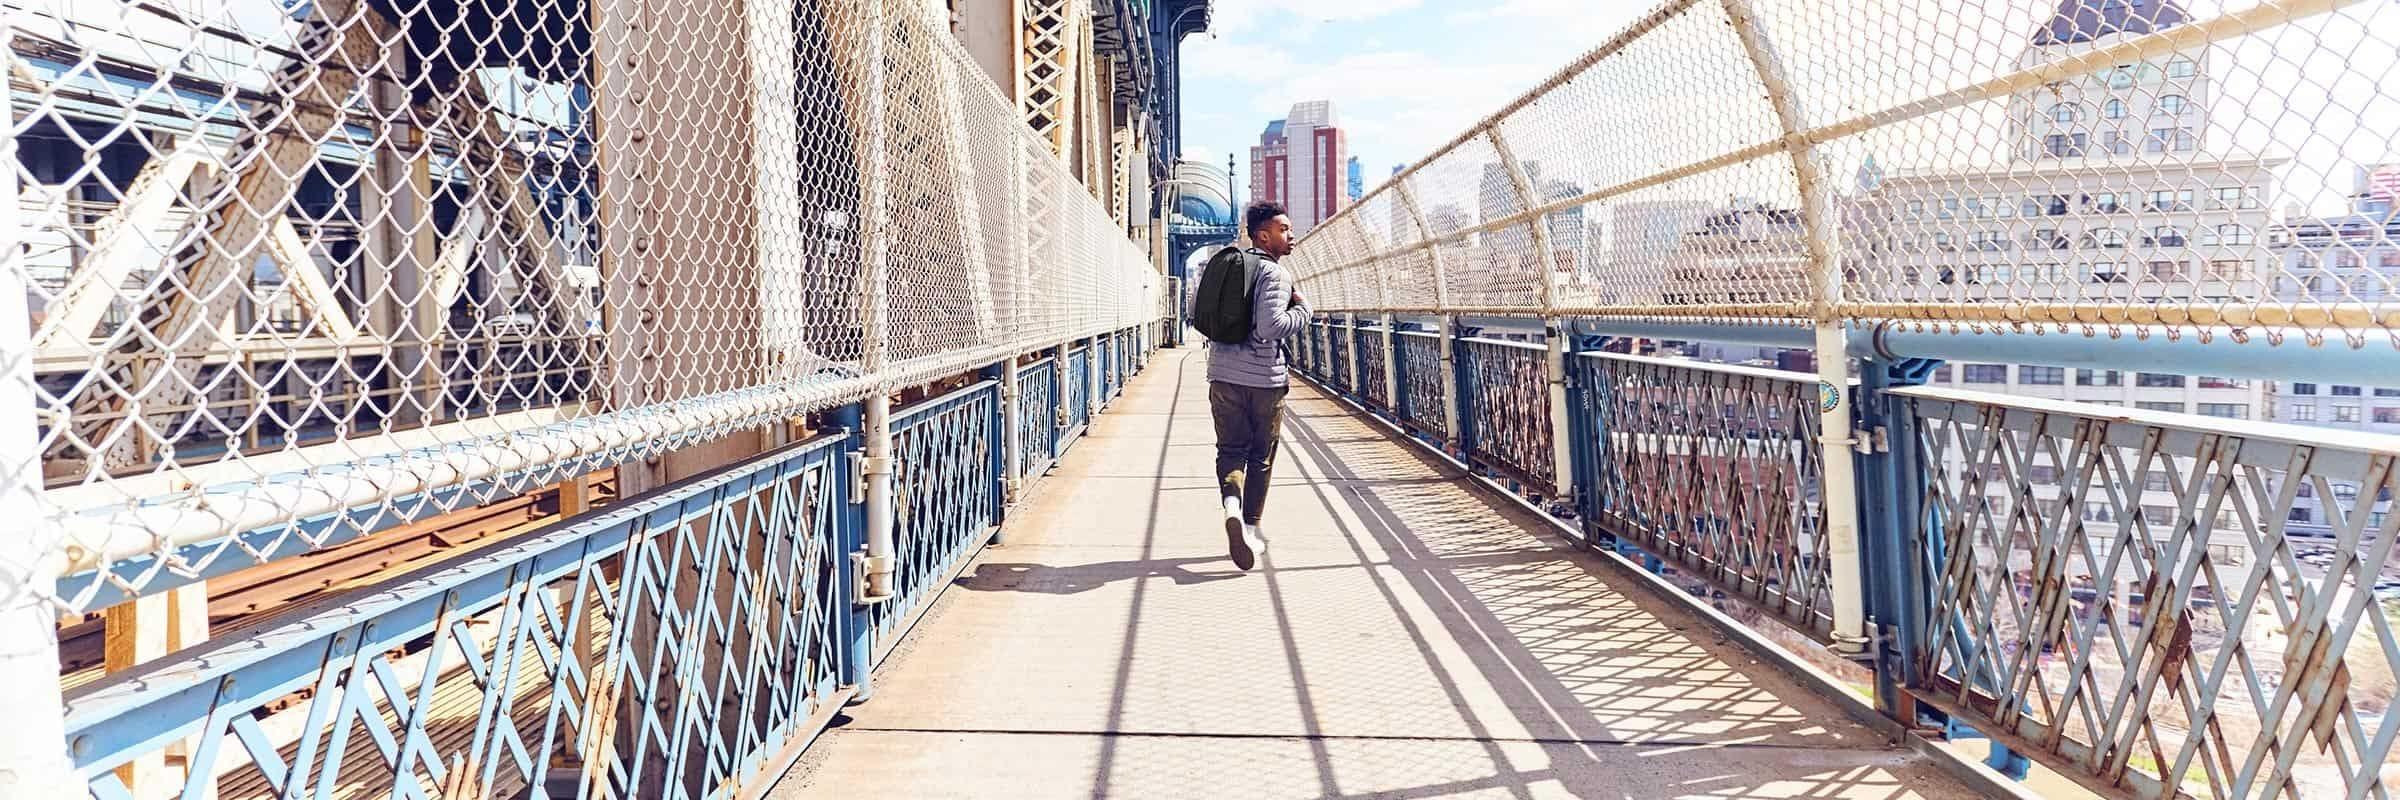 Collection Arcane d'Osprey: sacs urbains au style minimaliste